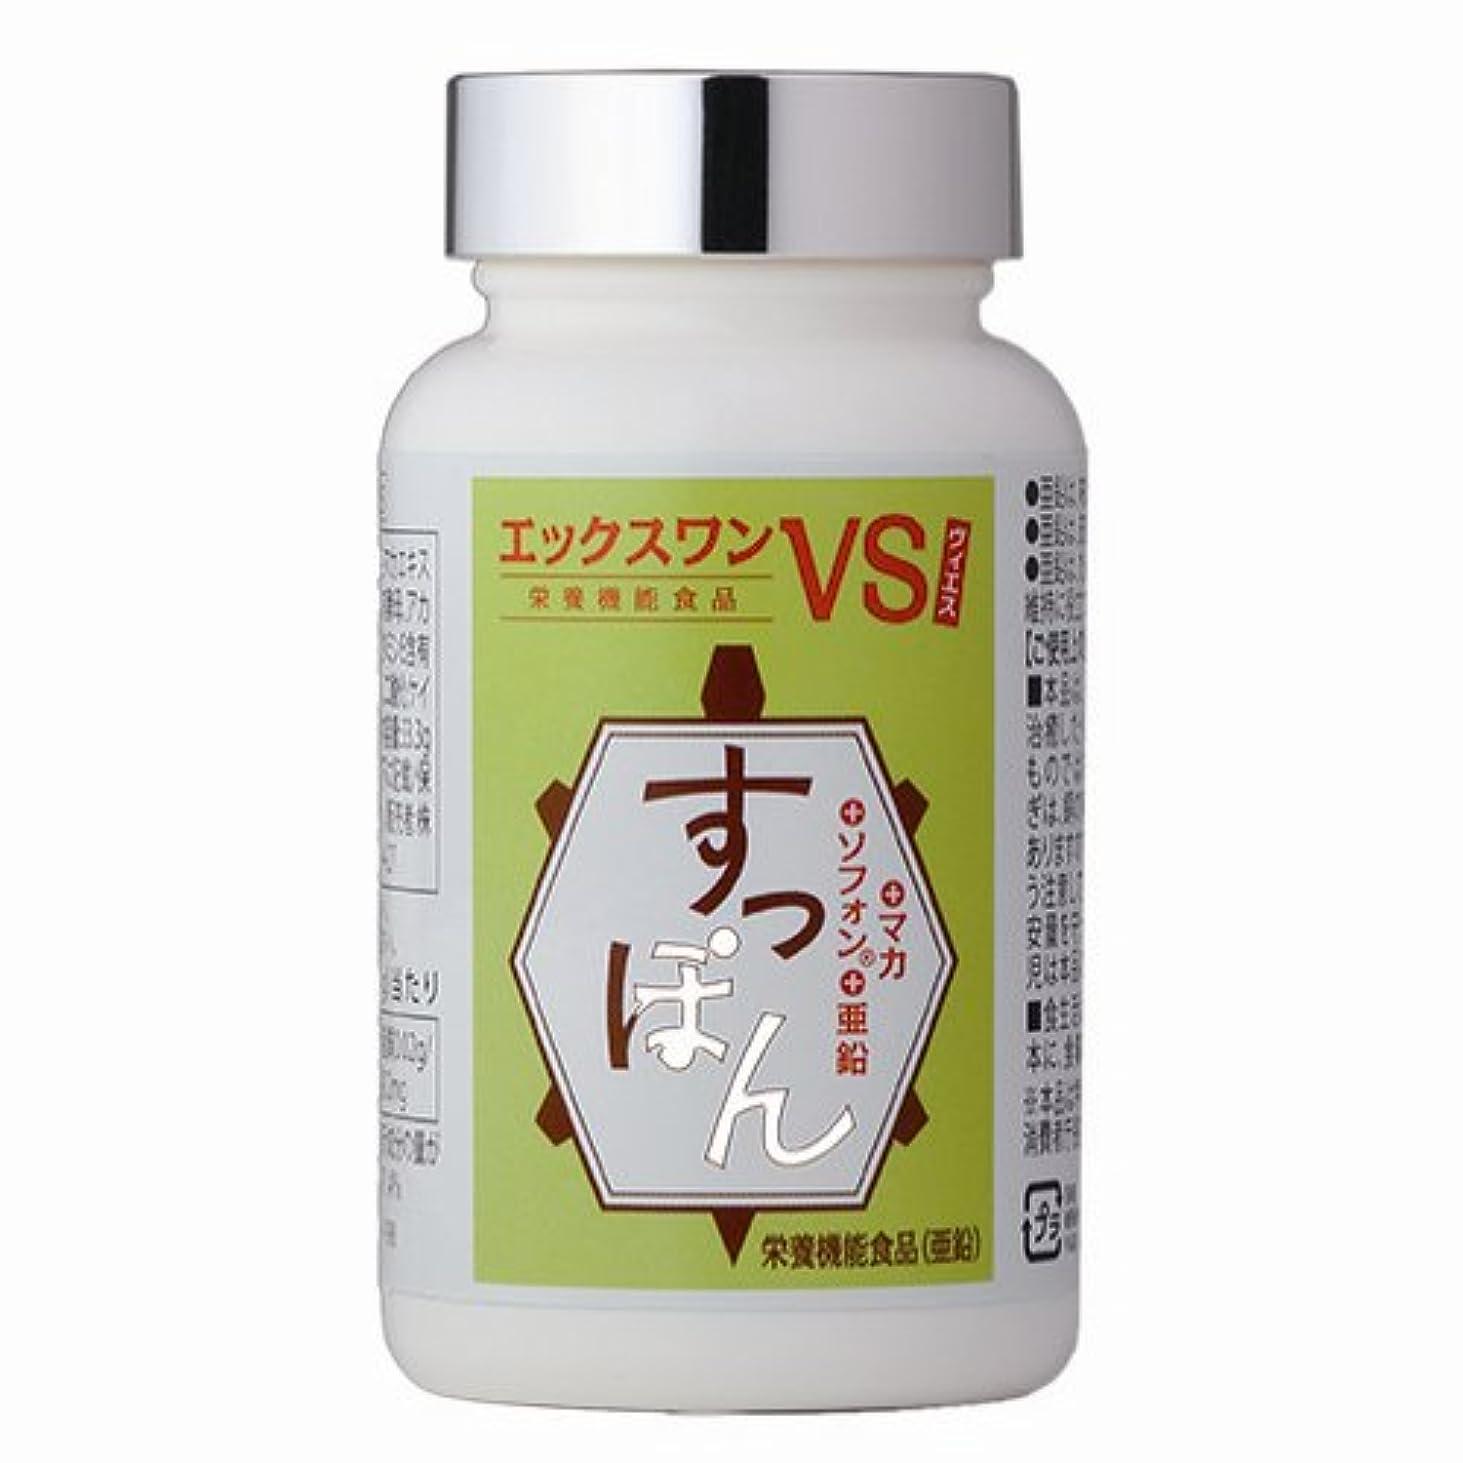 誘惑するモザイクビヨンエックスワン VS(ヴィエス) (90粒入) すっぽん マカ ソフォン 亜鉛配合